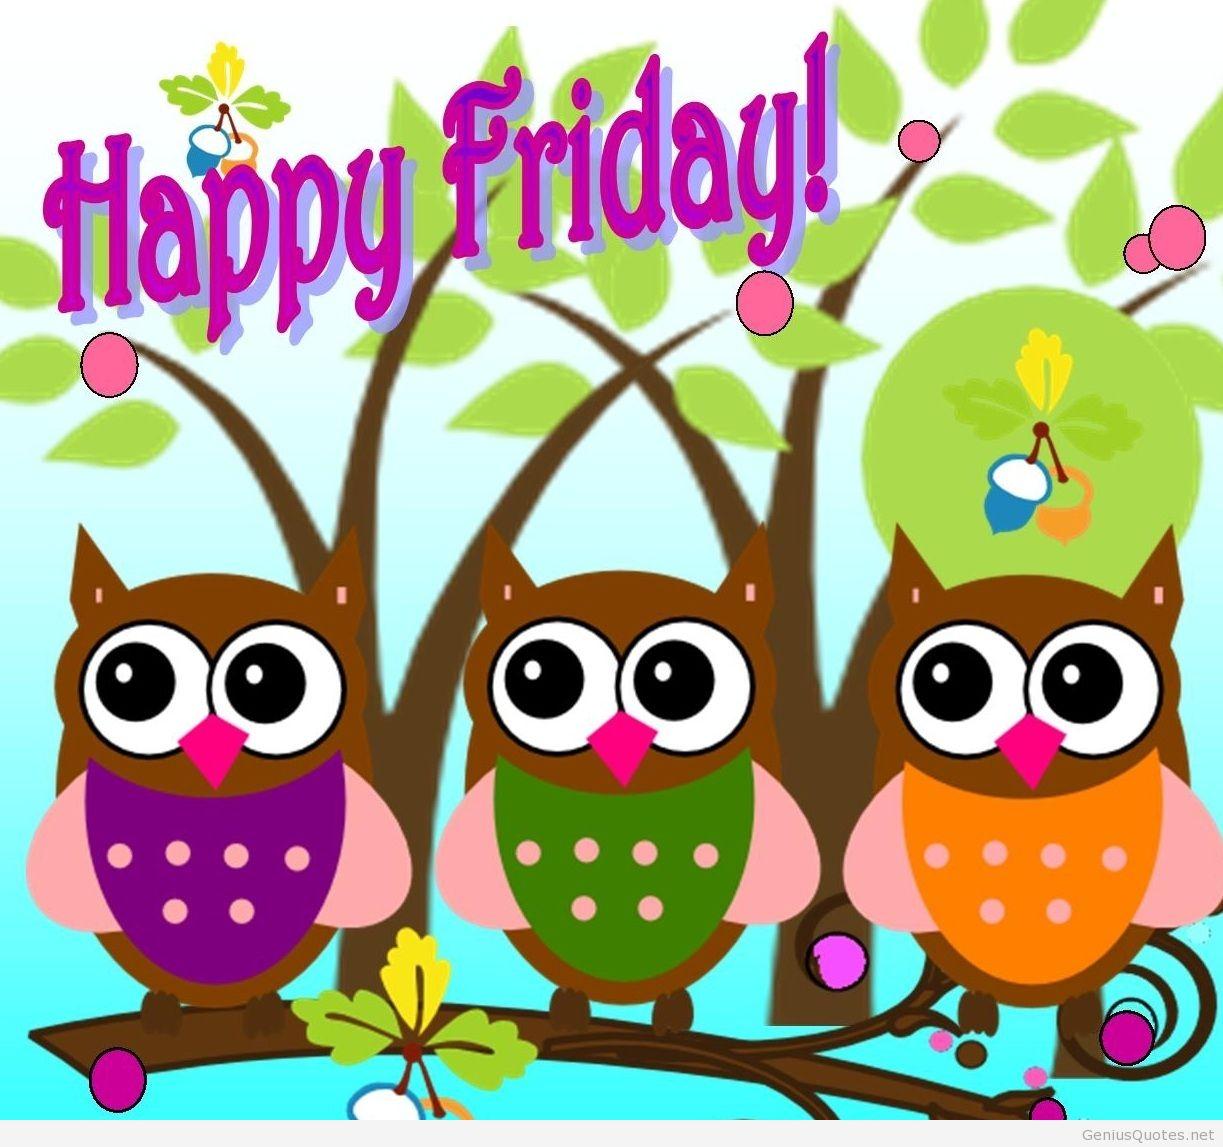 Funny Happy Friday Clipart.